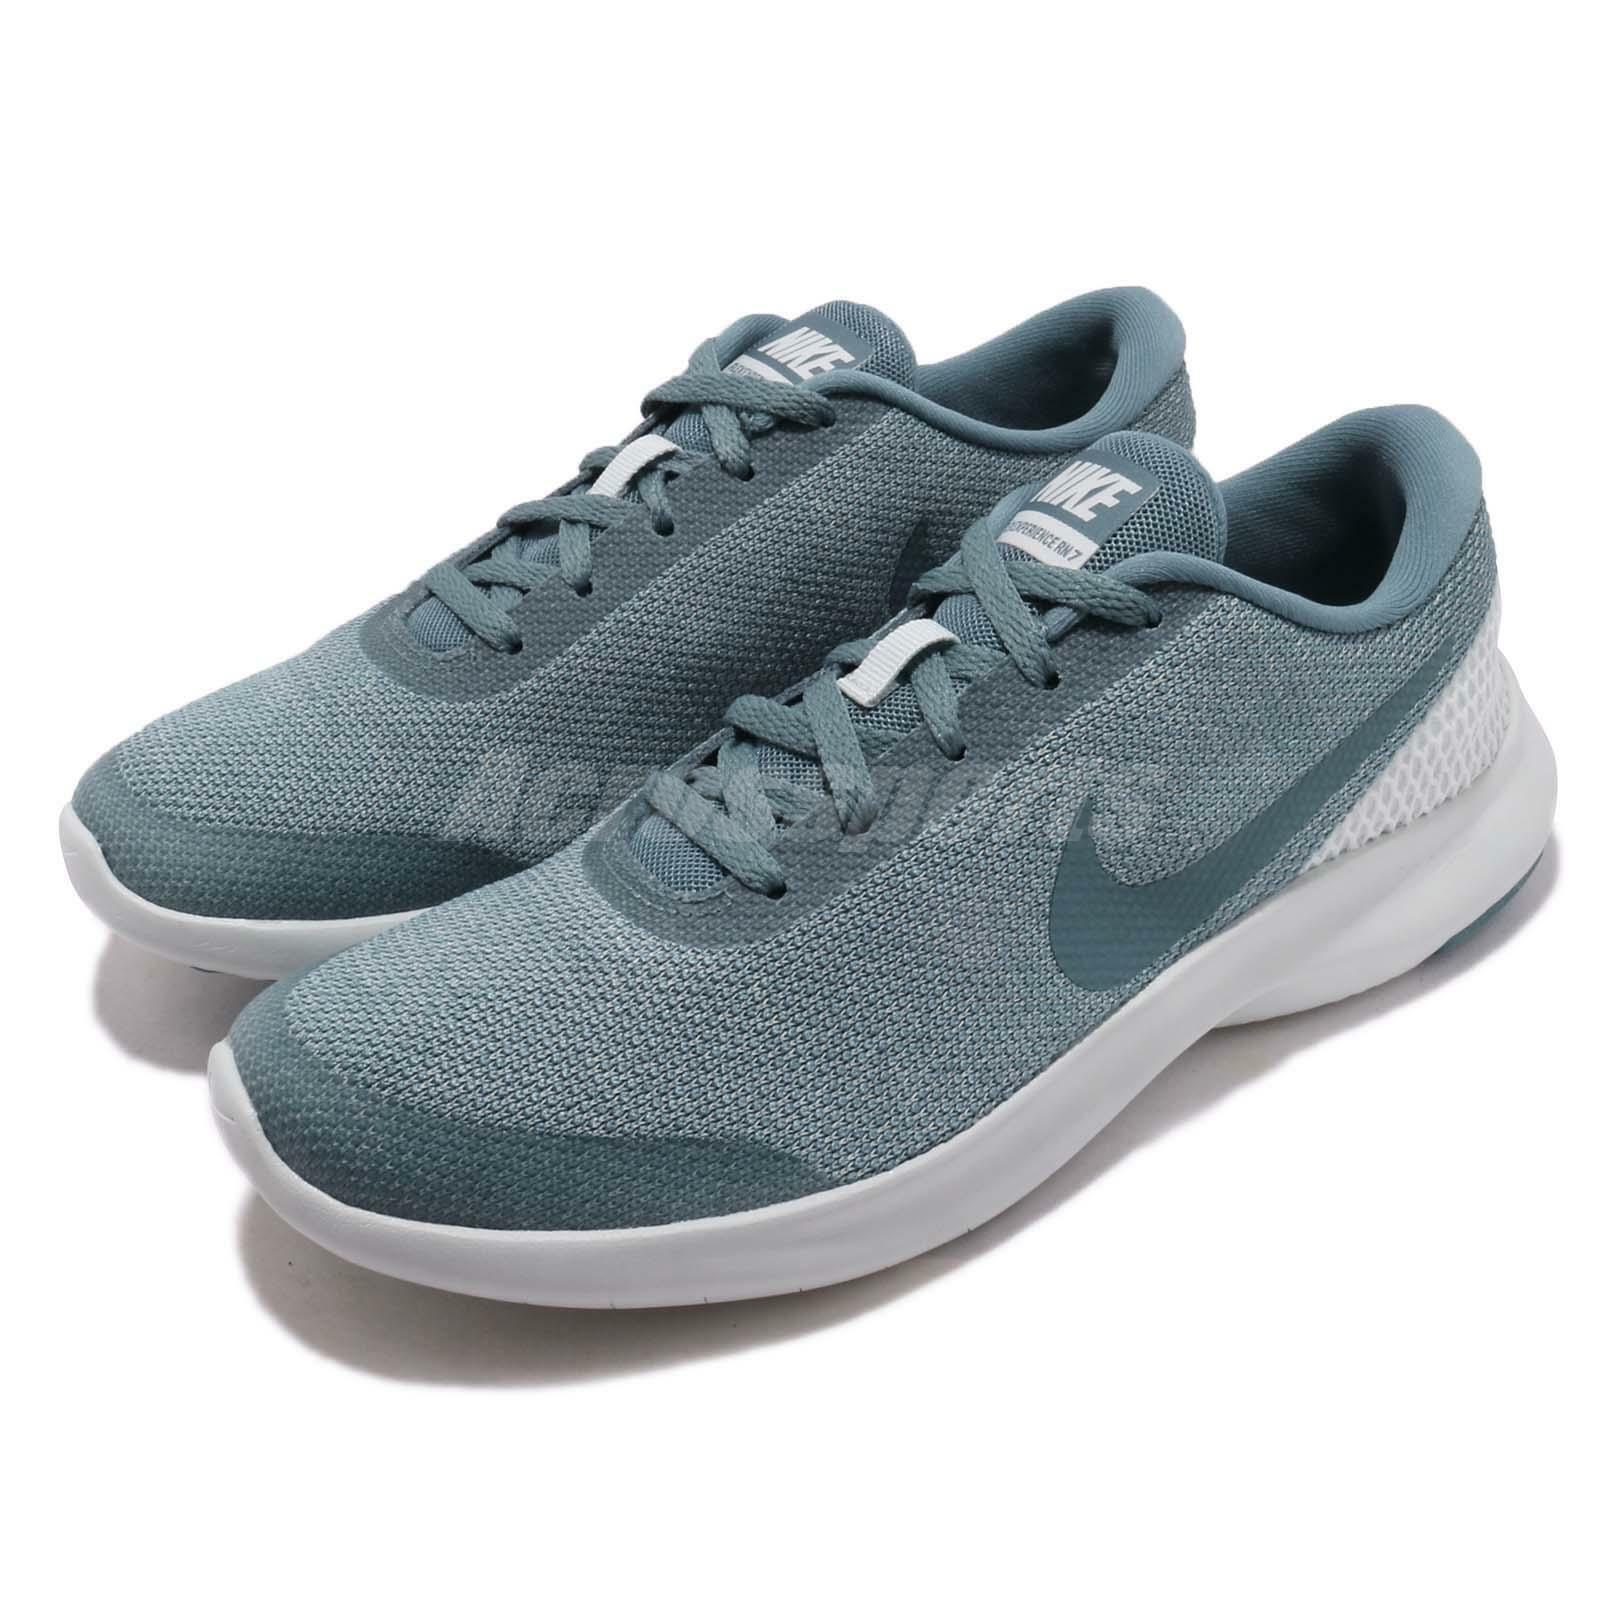 Wmns Nike Flex Experience RN 7 VII Run femmes femmes femmes Running Chaussures Baskets Pick 1 e5f3d4